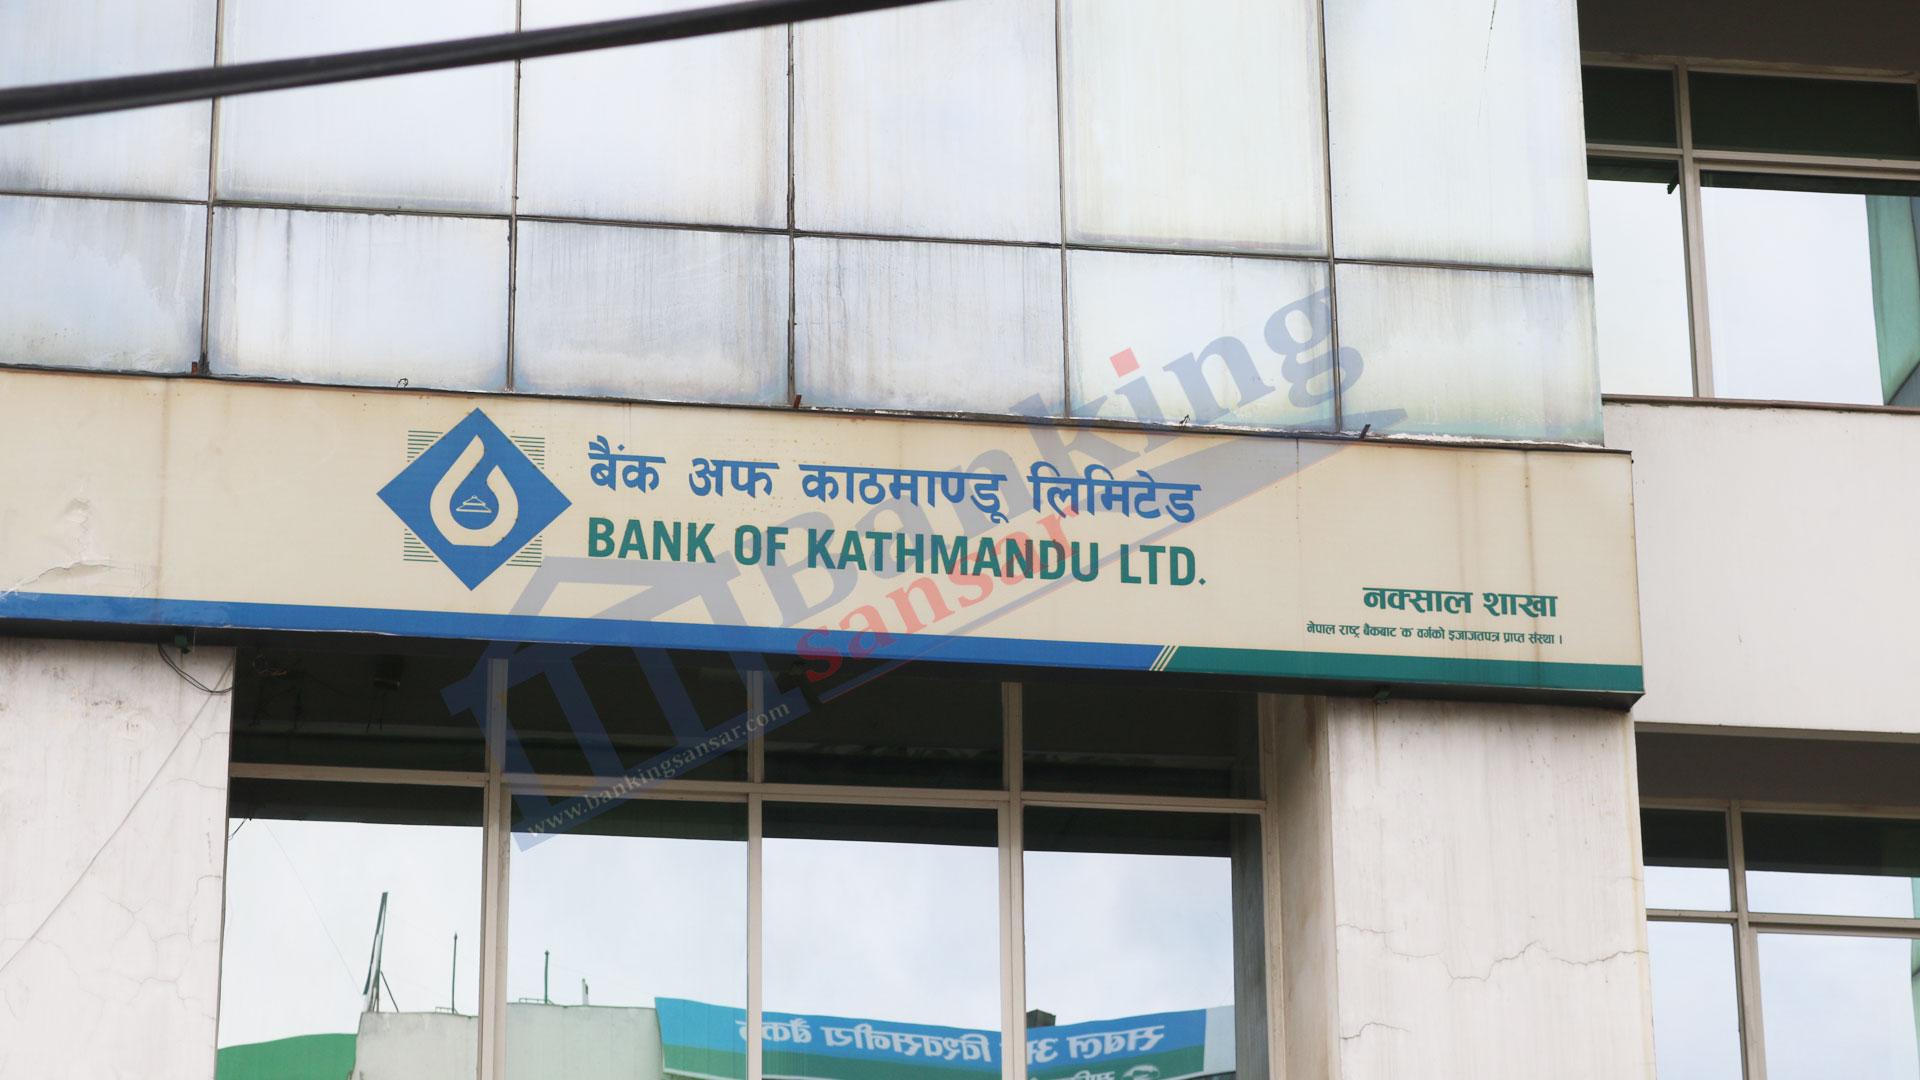 Bank Of Kathmandu